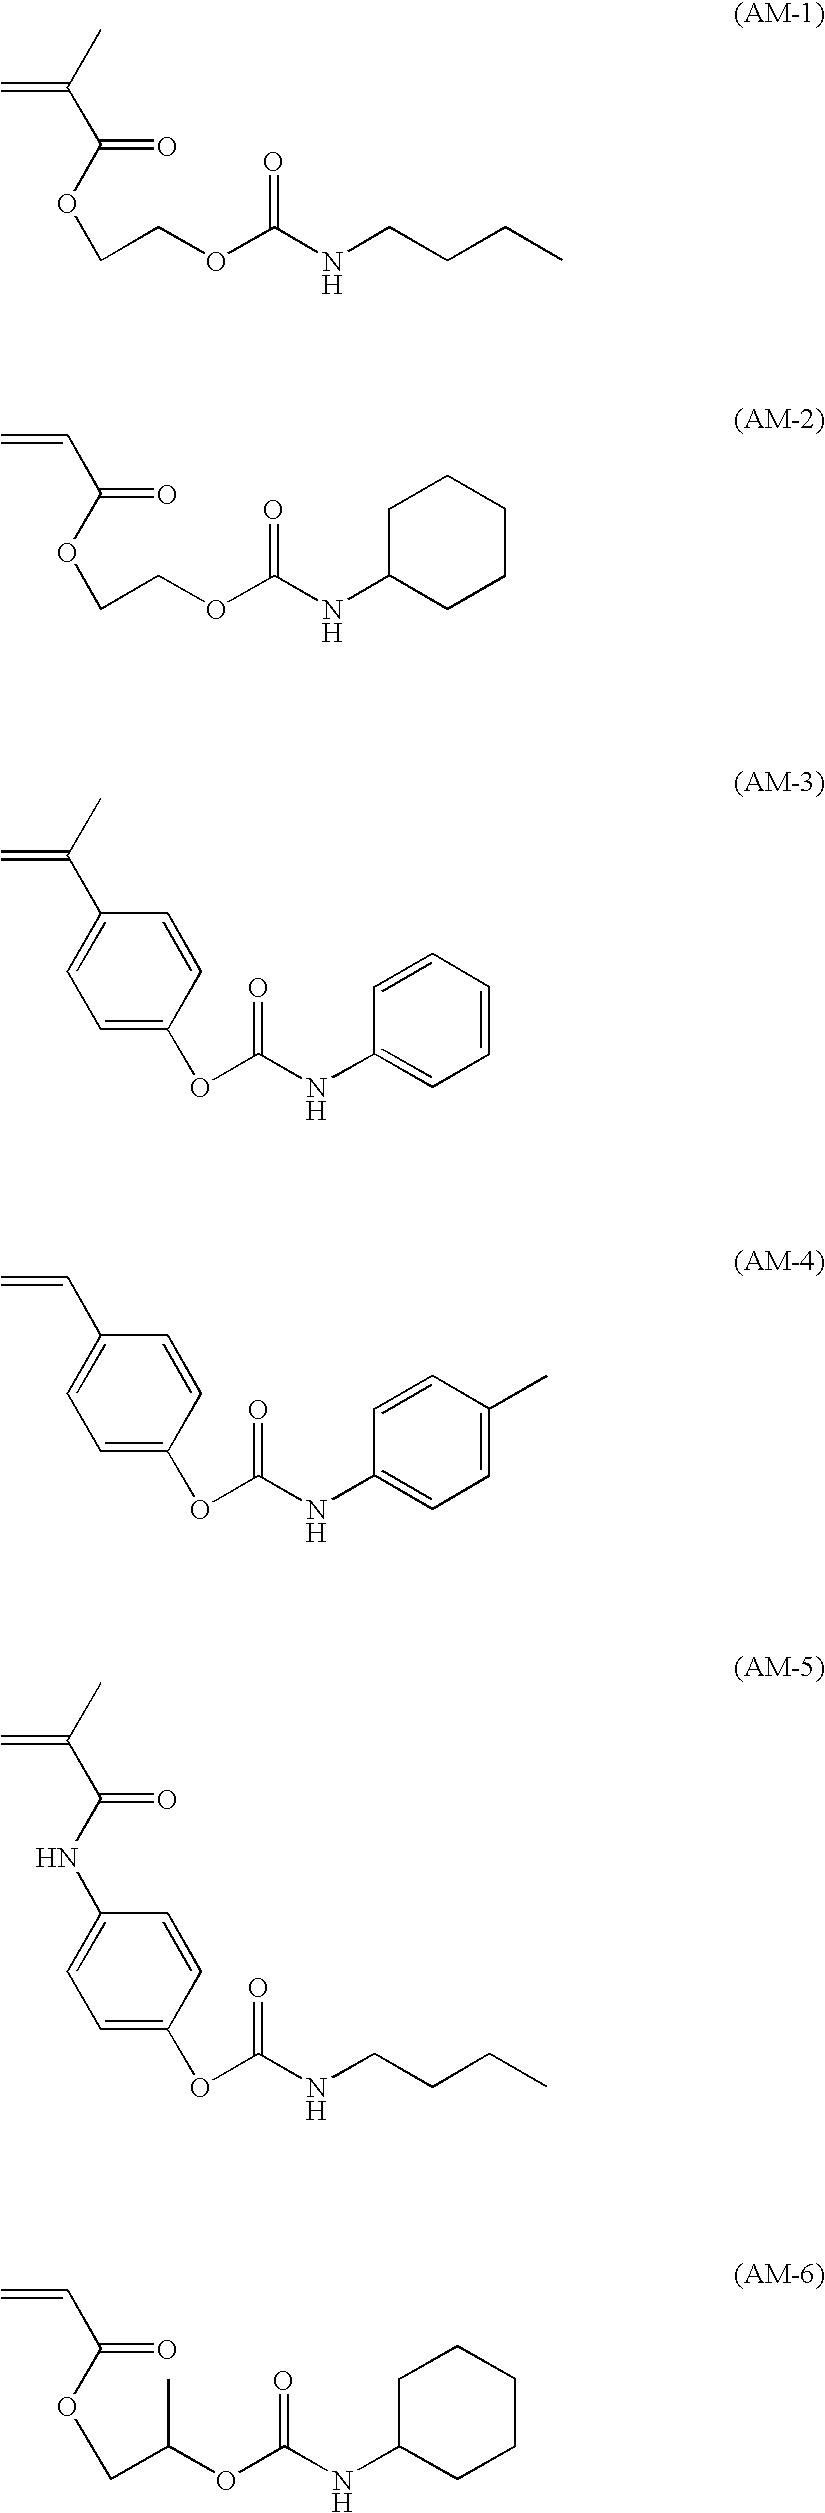 Figure US20090246653A1-20091001-C00001